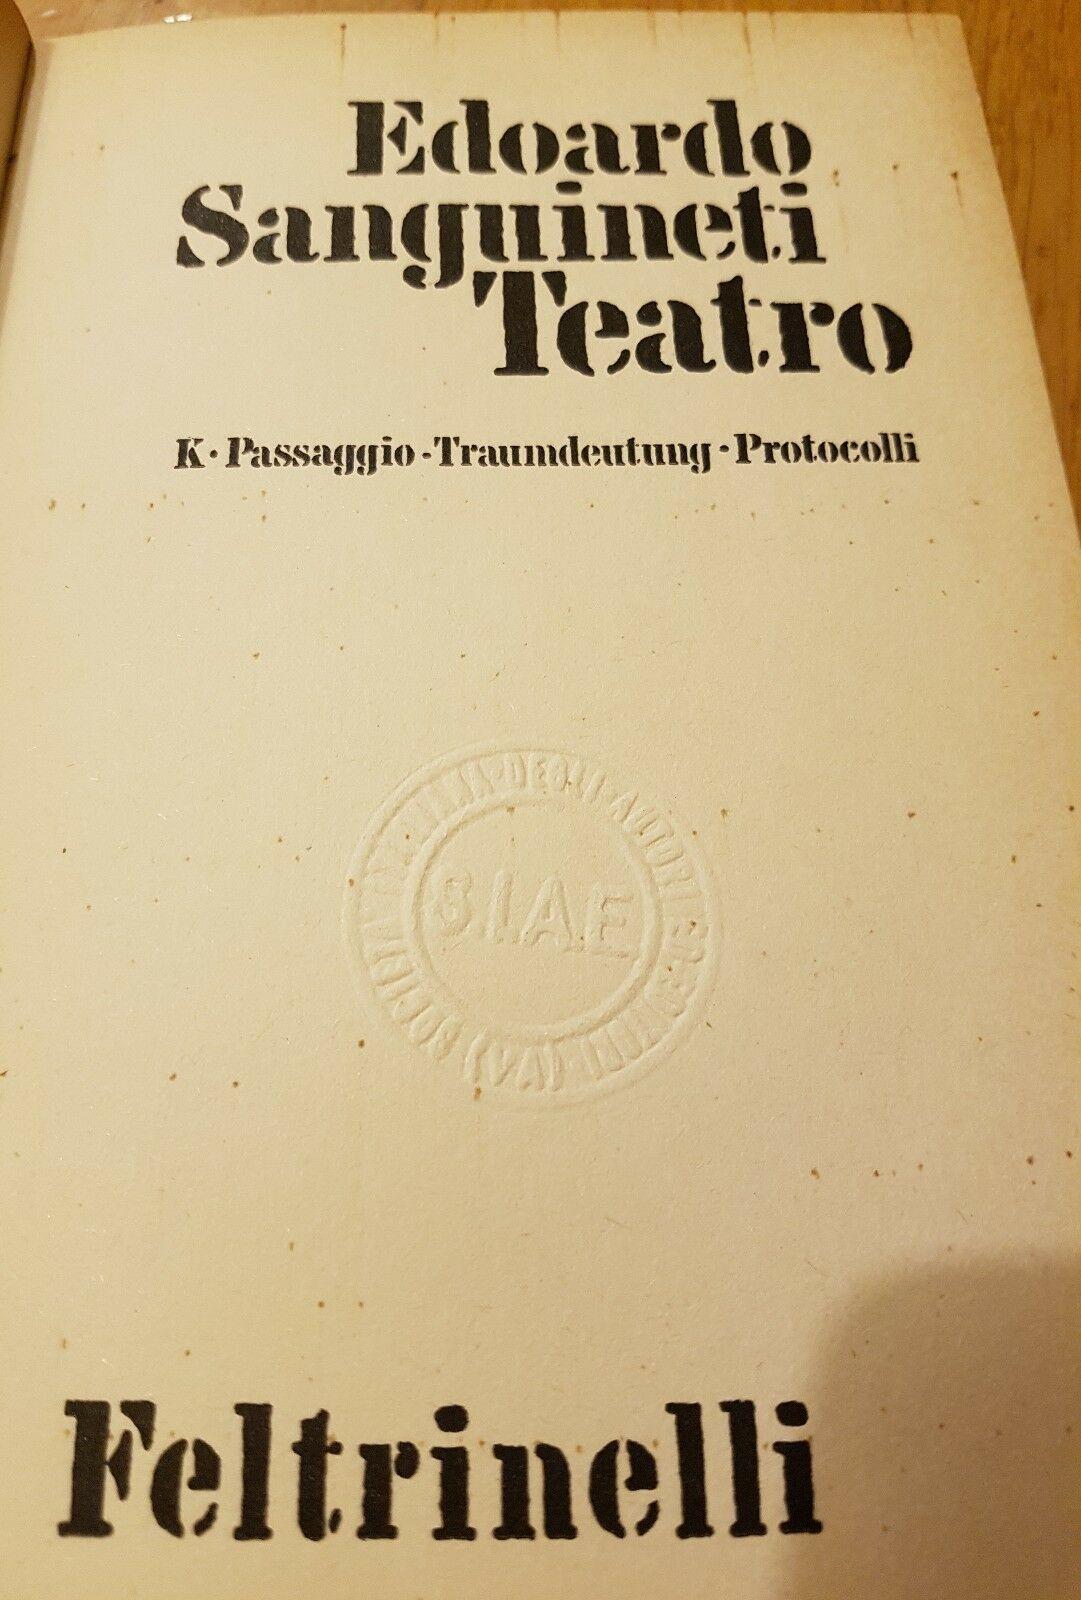 Sul teatro di Edoardo Sanguineti